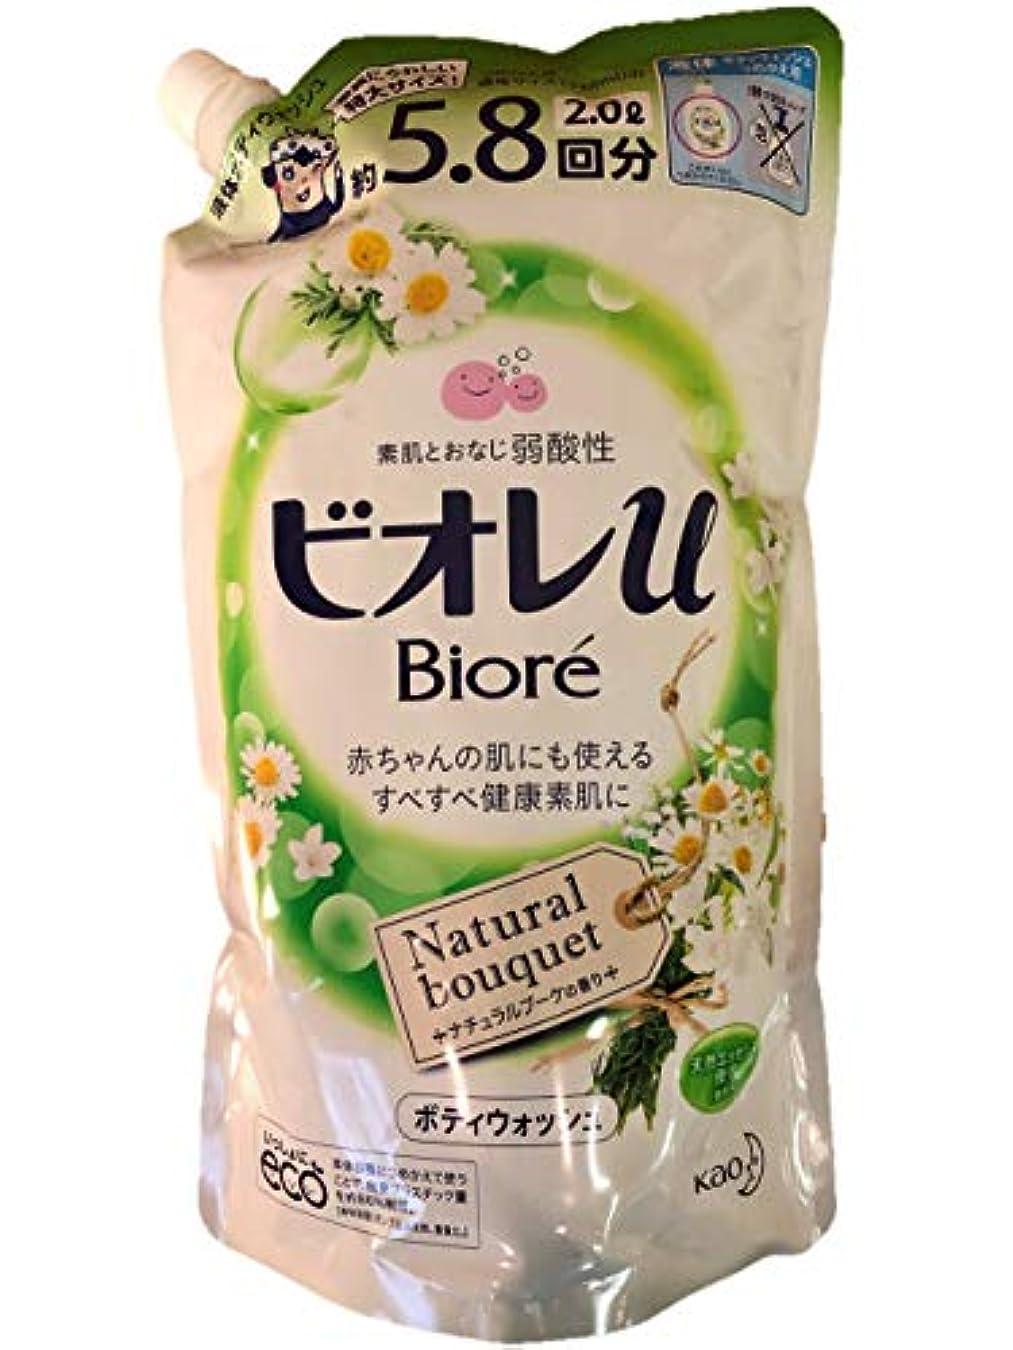 フィクション政策歩行者【大容量】ビオレu 詰め替え用 ナチュラルブーケの香り 5.8回分 2L